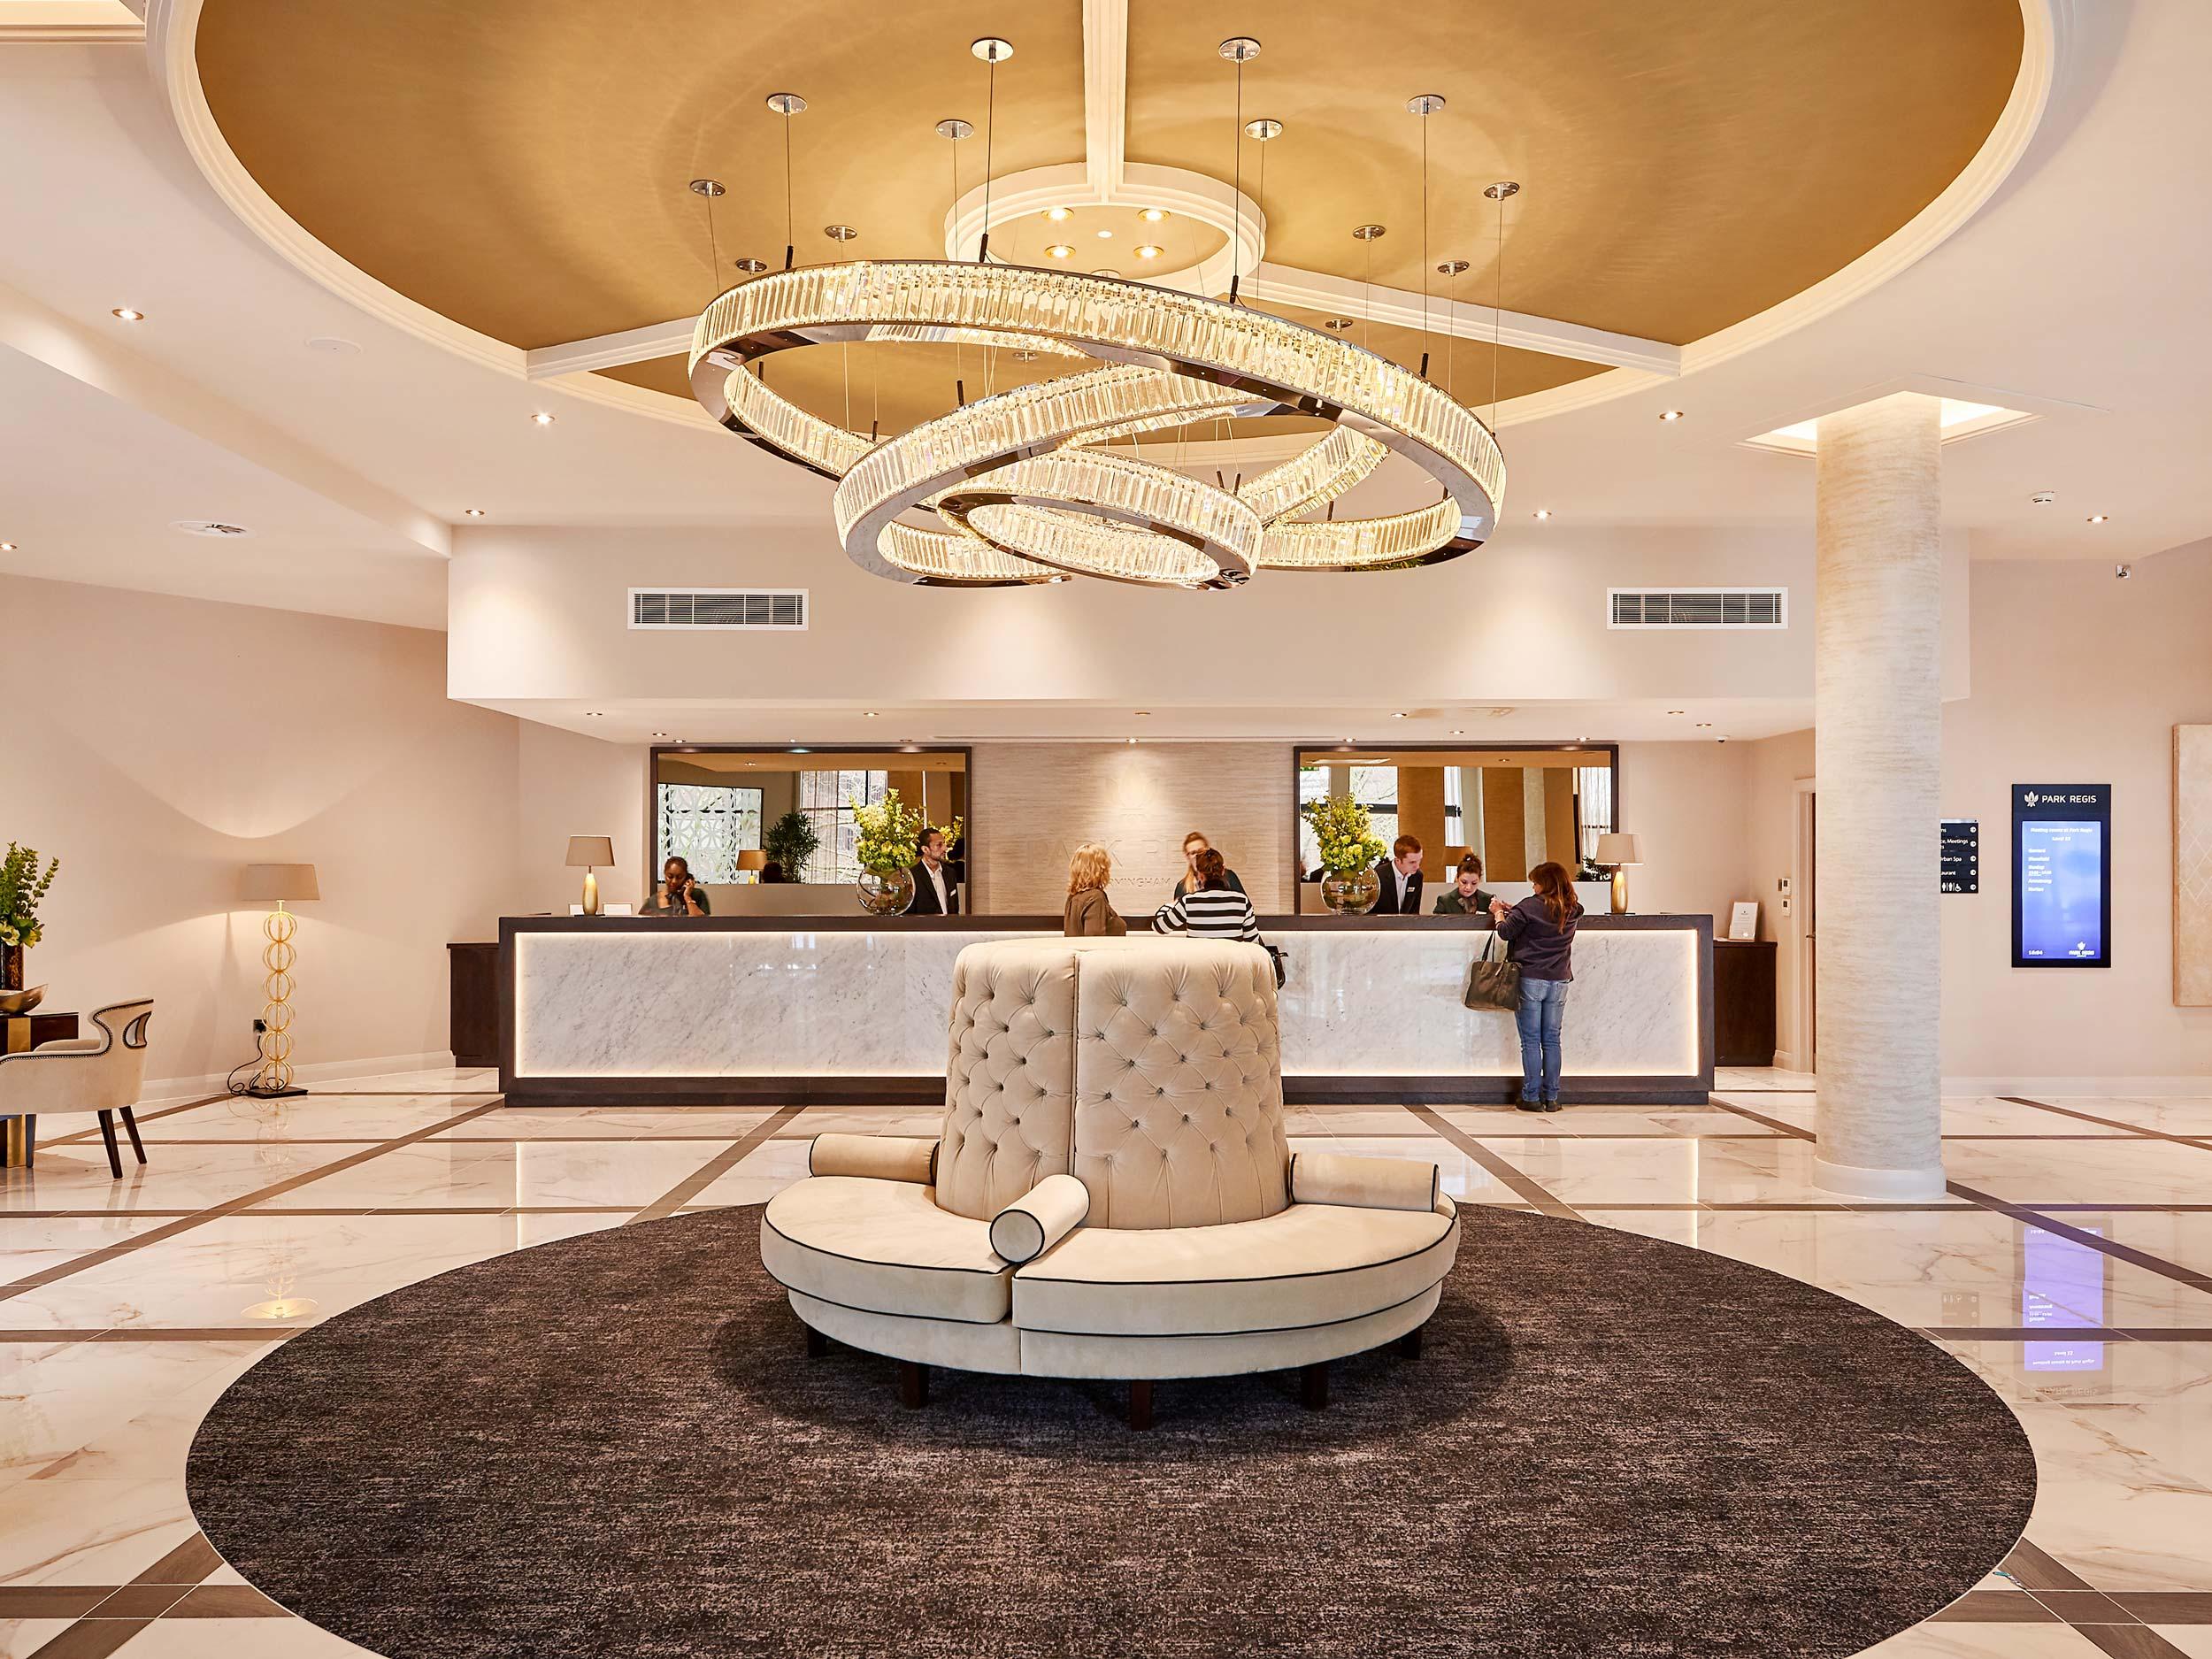 Park-Regis-Hotel-Birmingham